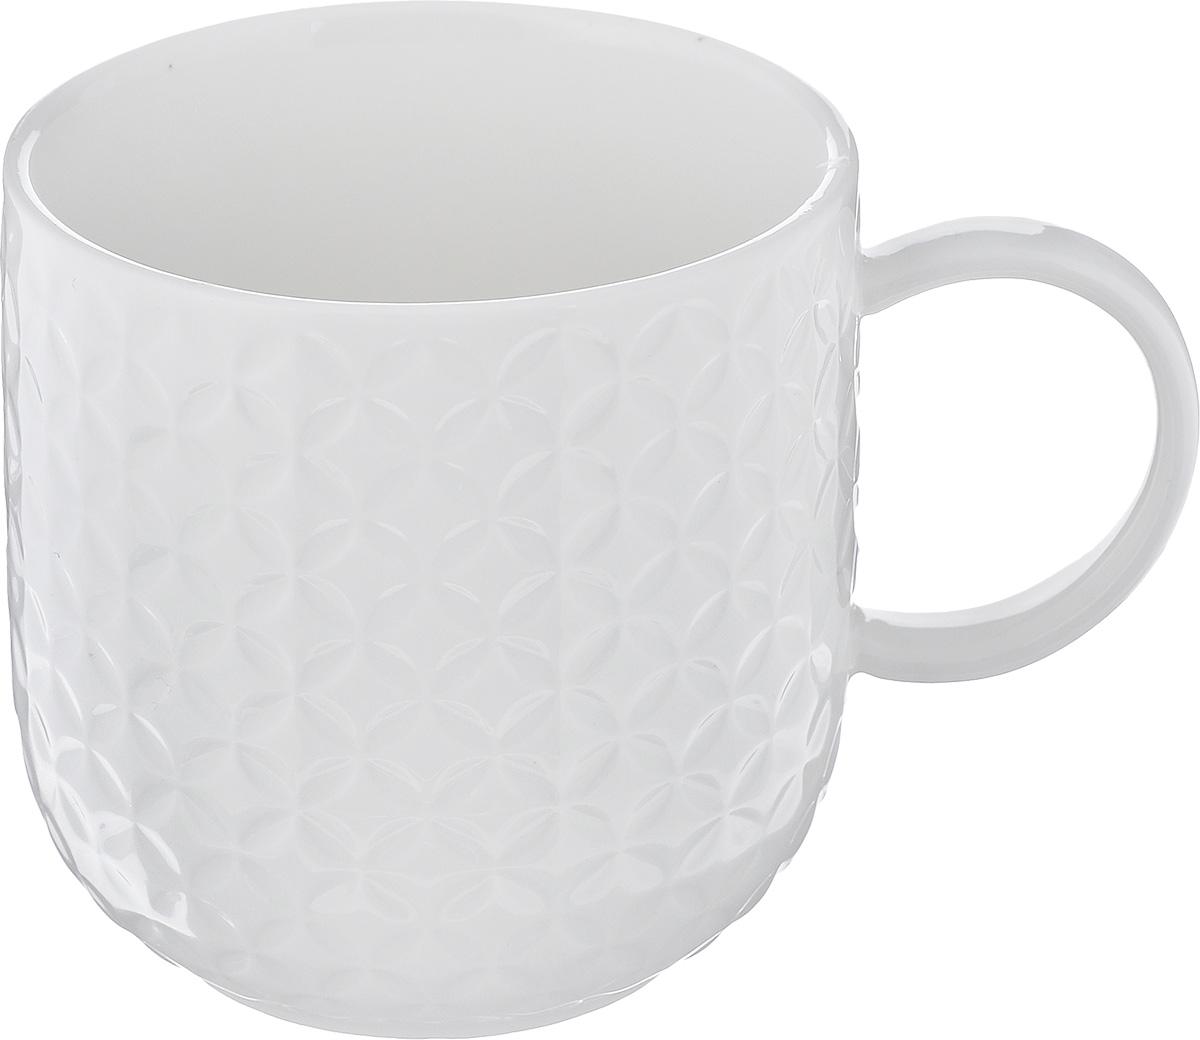 Кружка Walmer Quincy, цвет: белый, 350 млW07520035Кружка Walmer Quincy изготовлена из высококачественного фарфора. Изделие оформлено изысканным рельефным орнаментом. Такая кружка прекрасно оформит стол к чаепитию и станет его неизменным атрибутом. Не рекомендуется применять абразивные моющие средства. Диаметр (по верхнему краю): 8 см. Высота: 8,5 см.